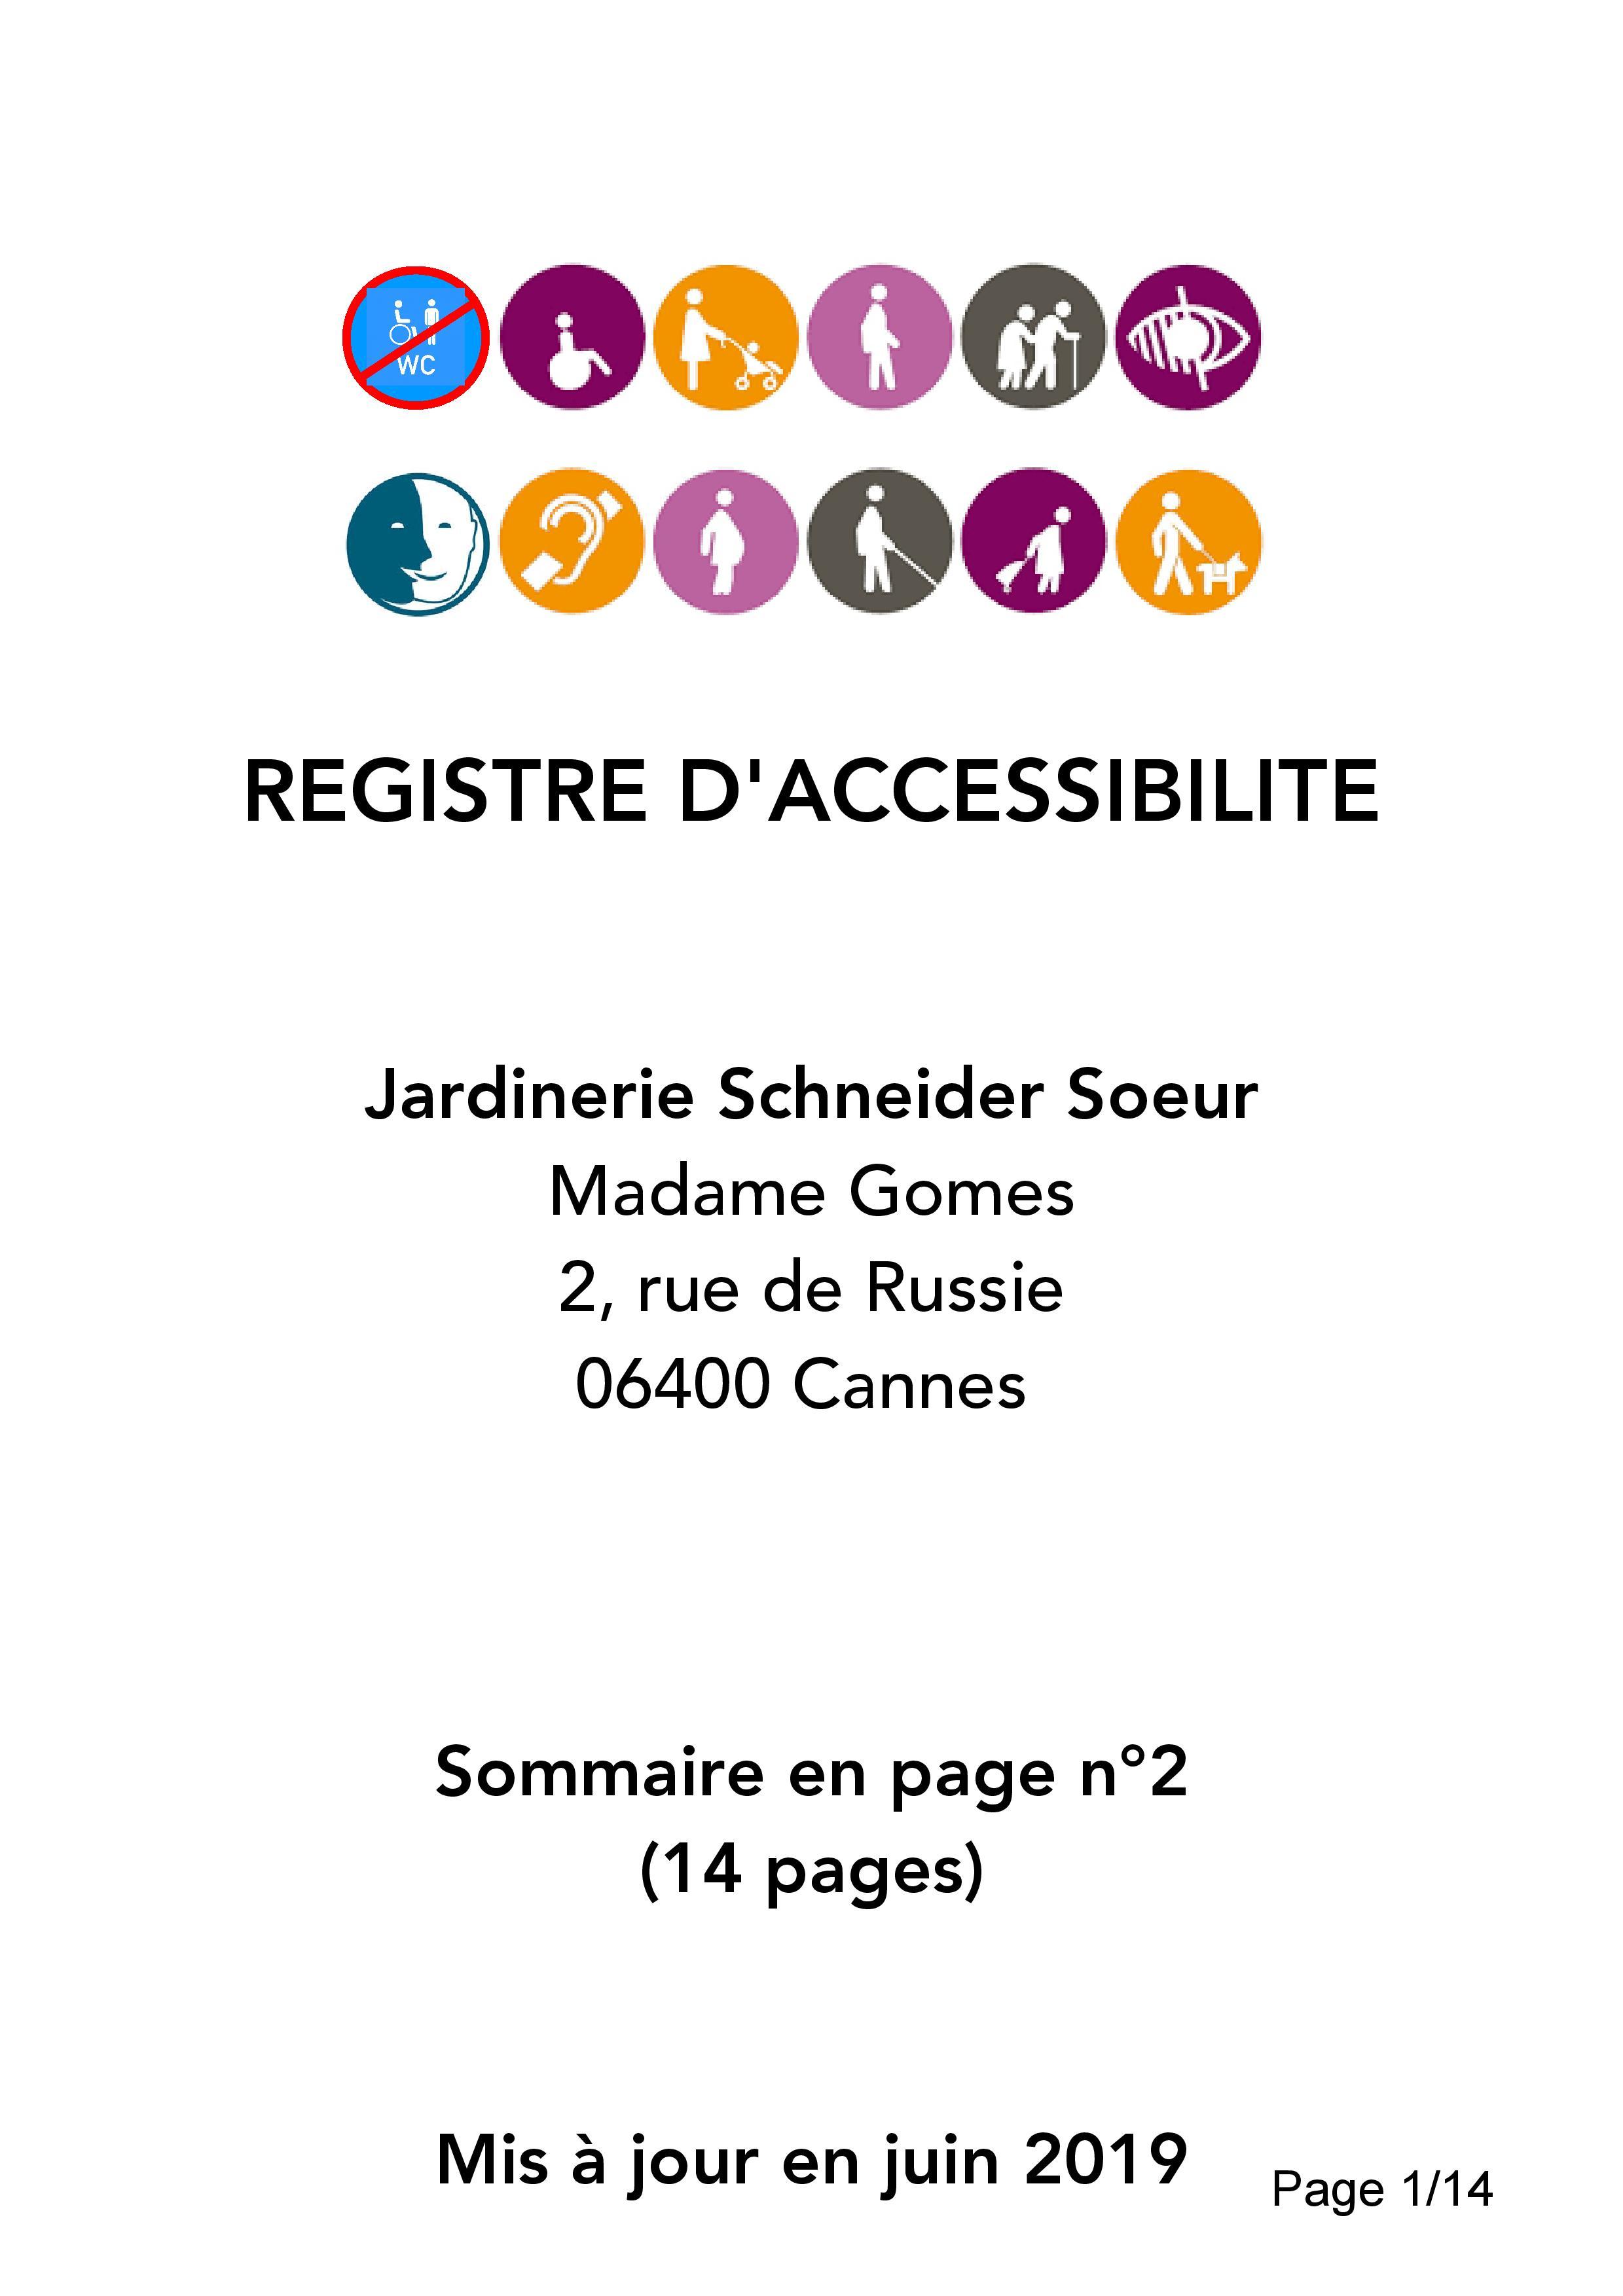 Registre accessibilité Jardinerie Schneider Soeur Cannes-page-001